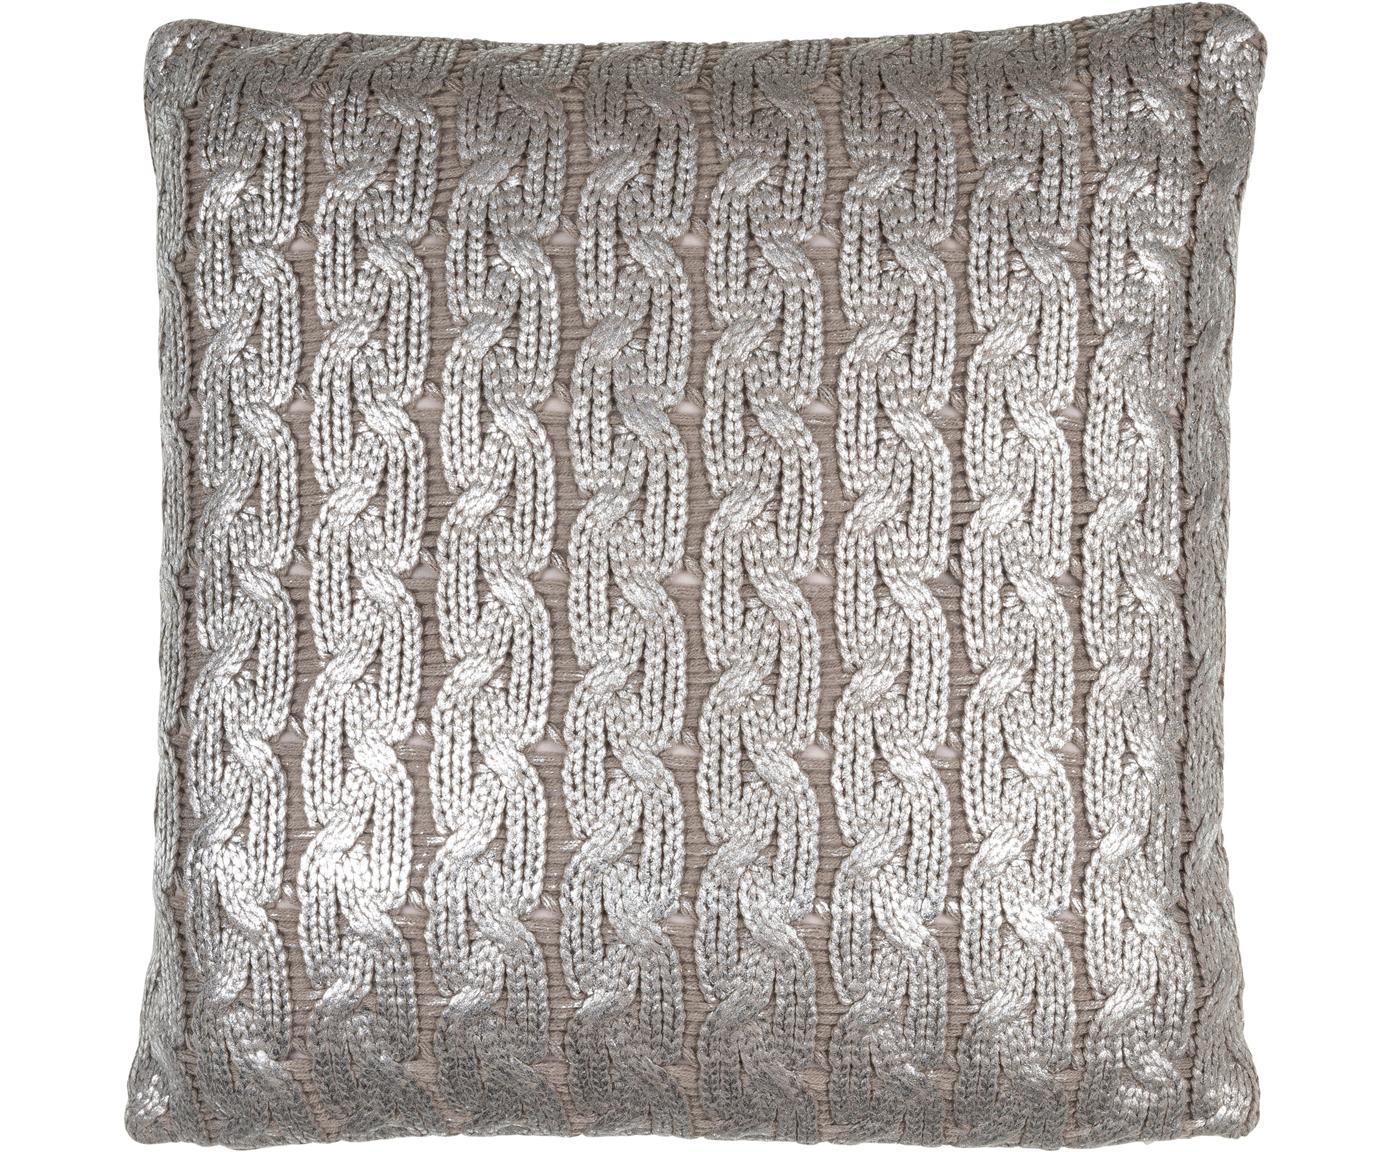 Poszewka na poduszkę z dzianiny  Trenes, 100% akryl, Taupe, odcienie srebrnego, S 45 x D 45 cm